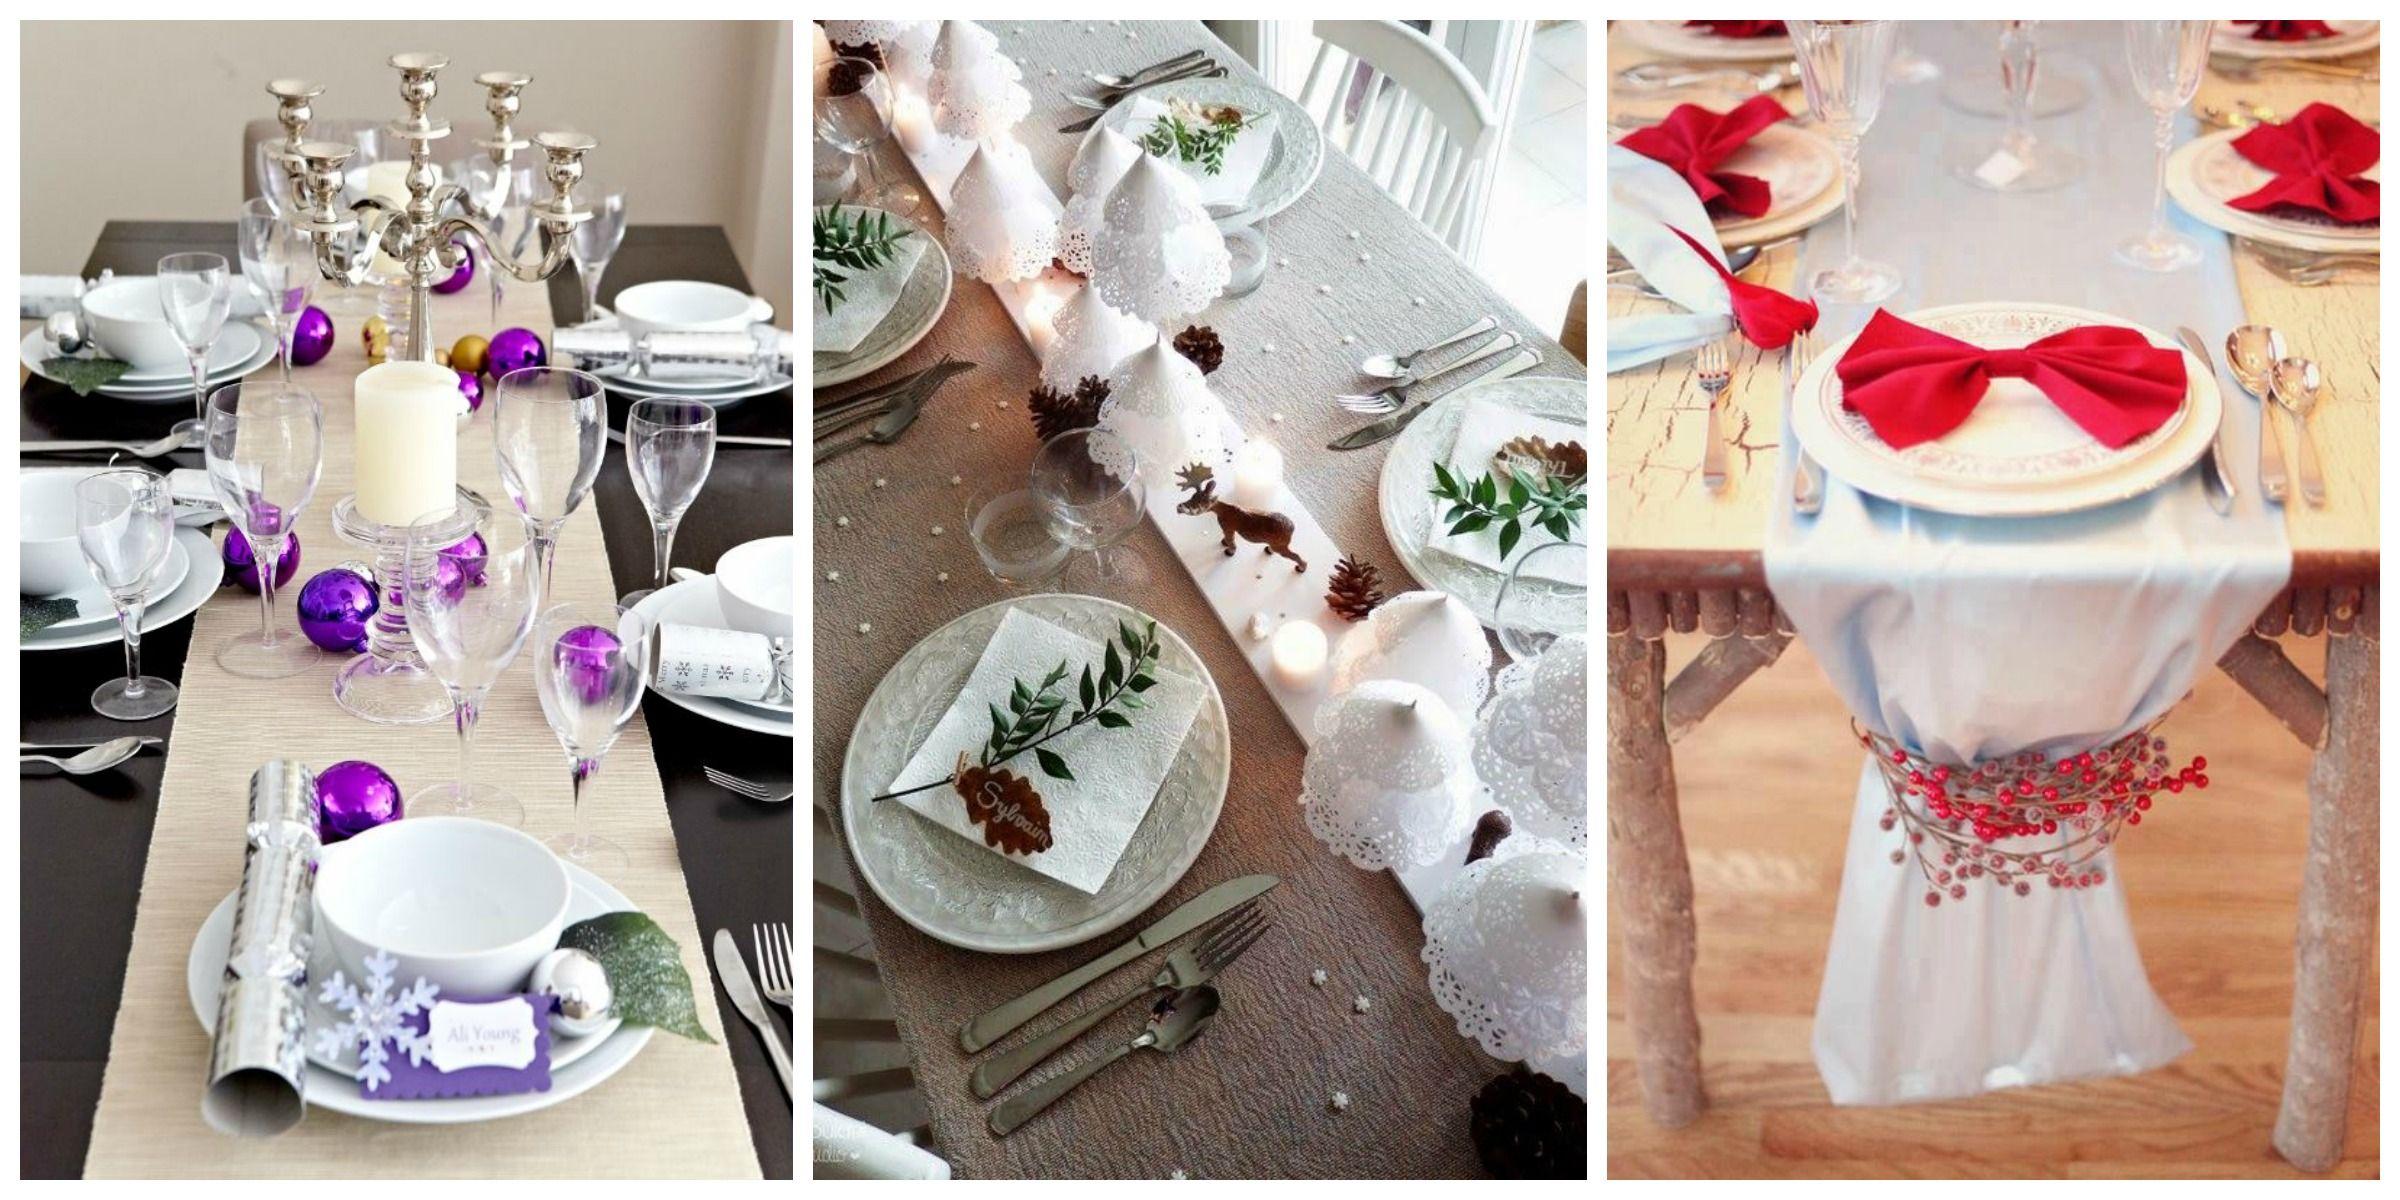 La tavola di Natale: come decorarla con stile